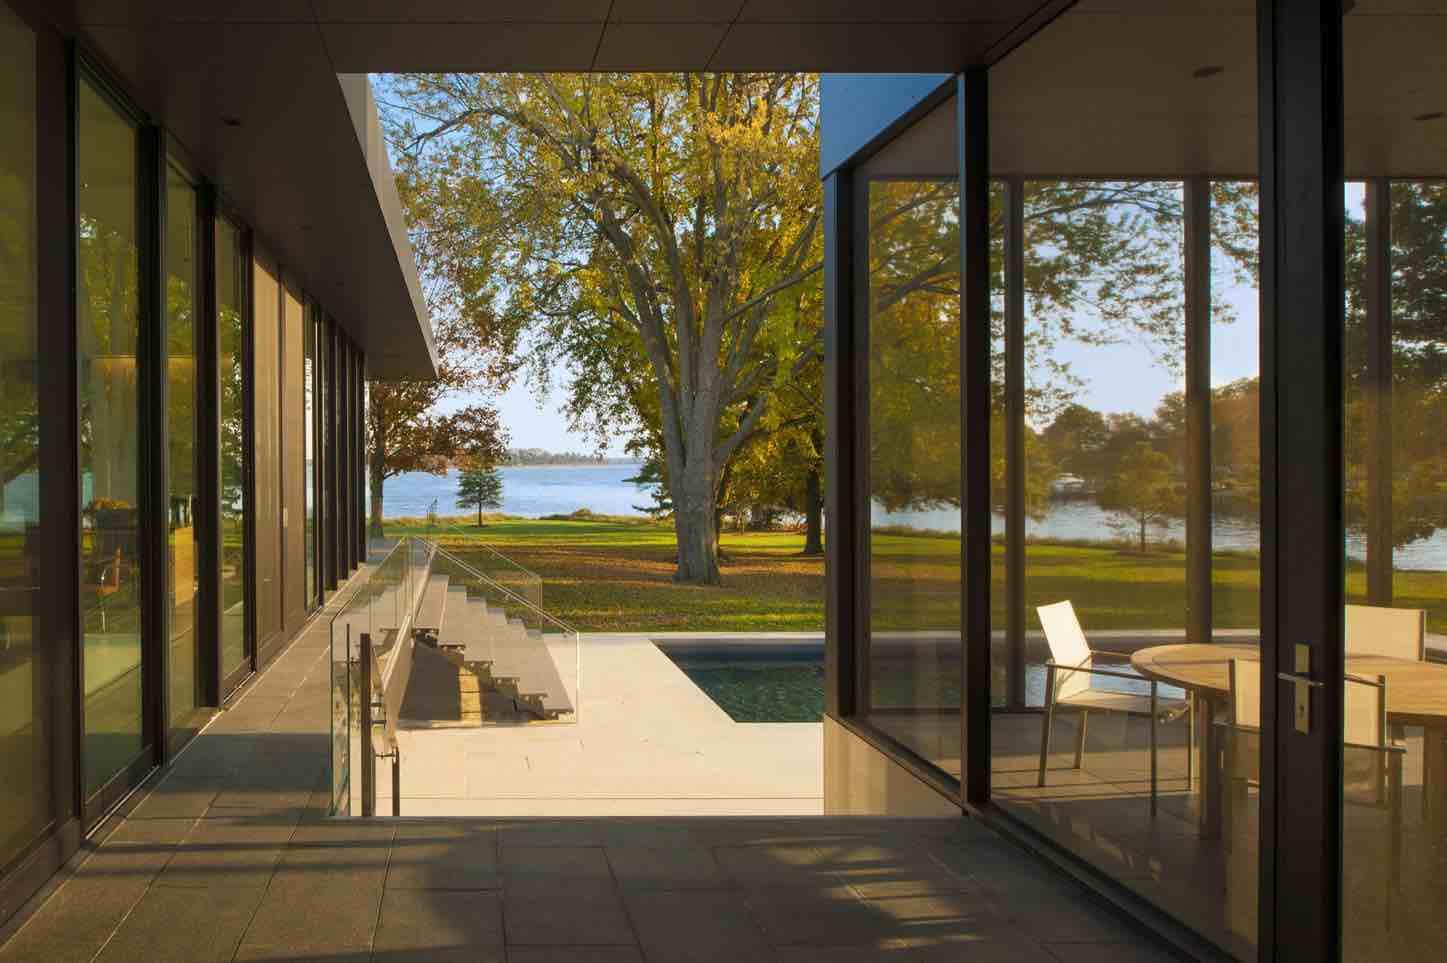 tred-avon-river-house-robert-m-gurney-architect_mackenzie-gurney-guttmanresidence-14